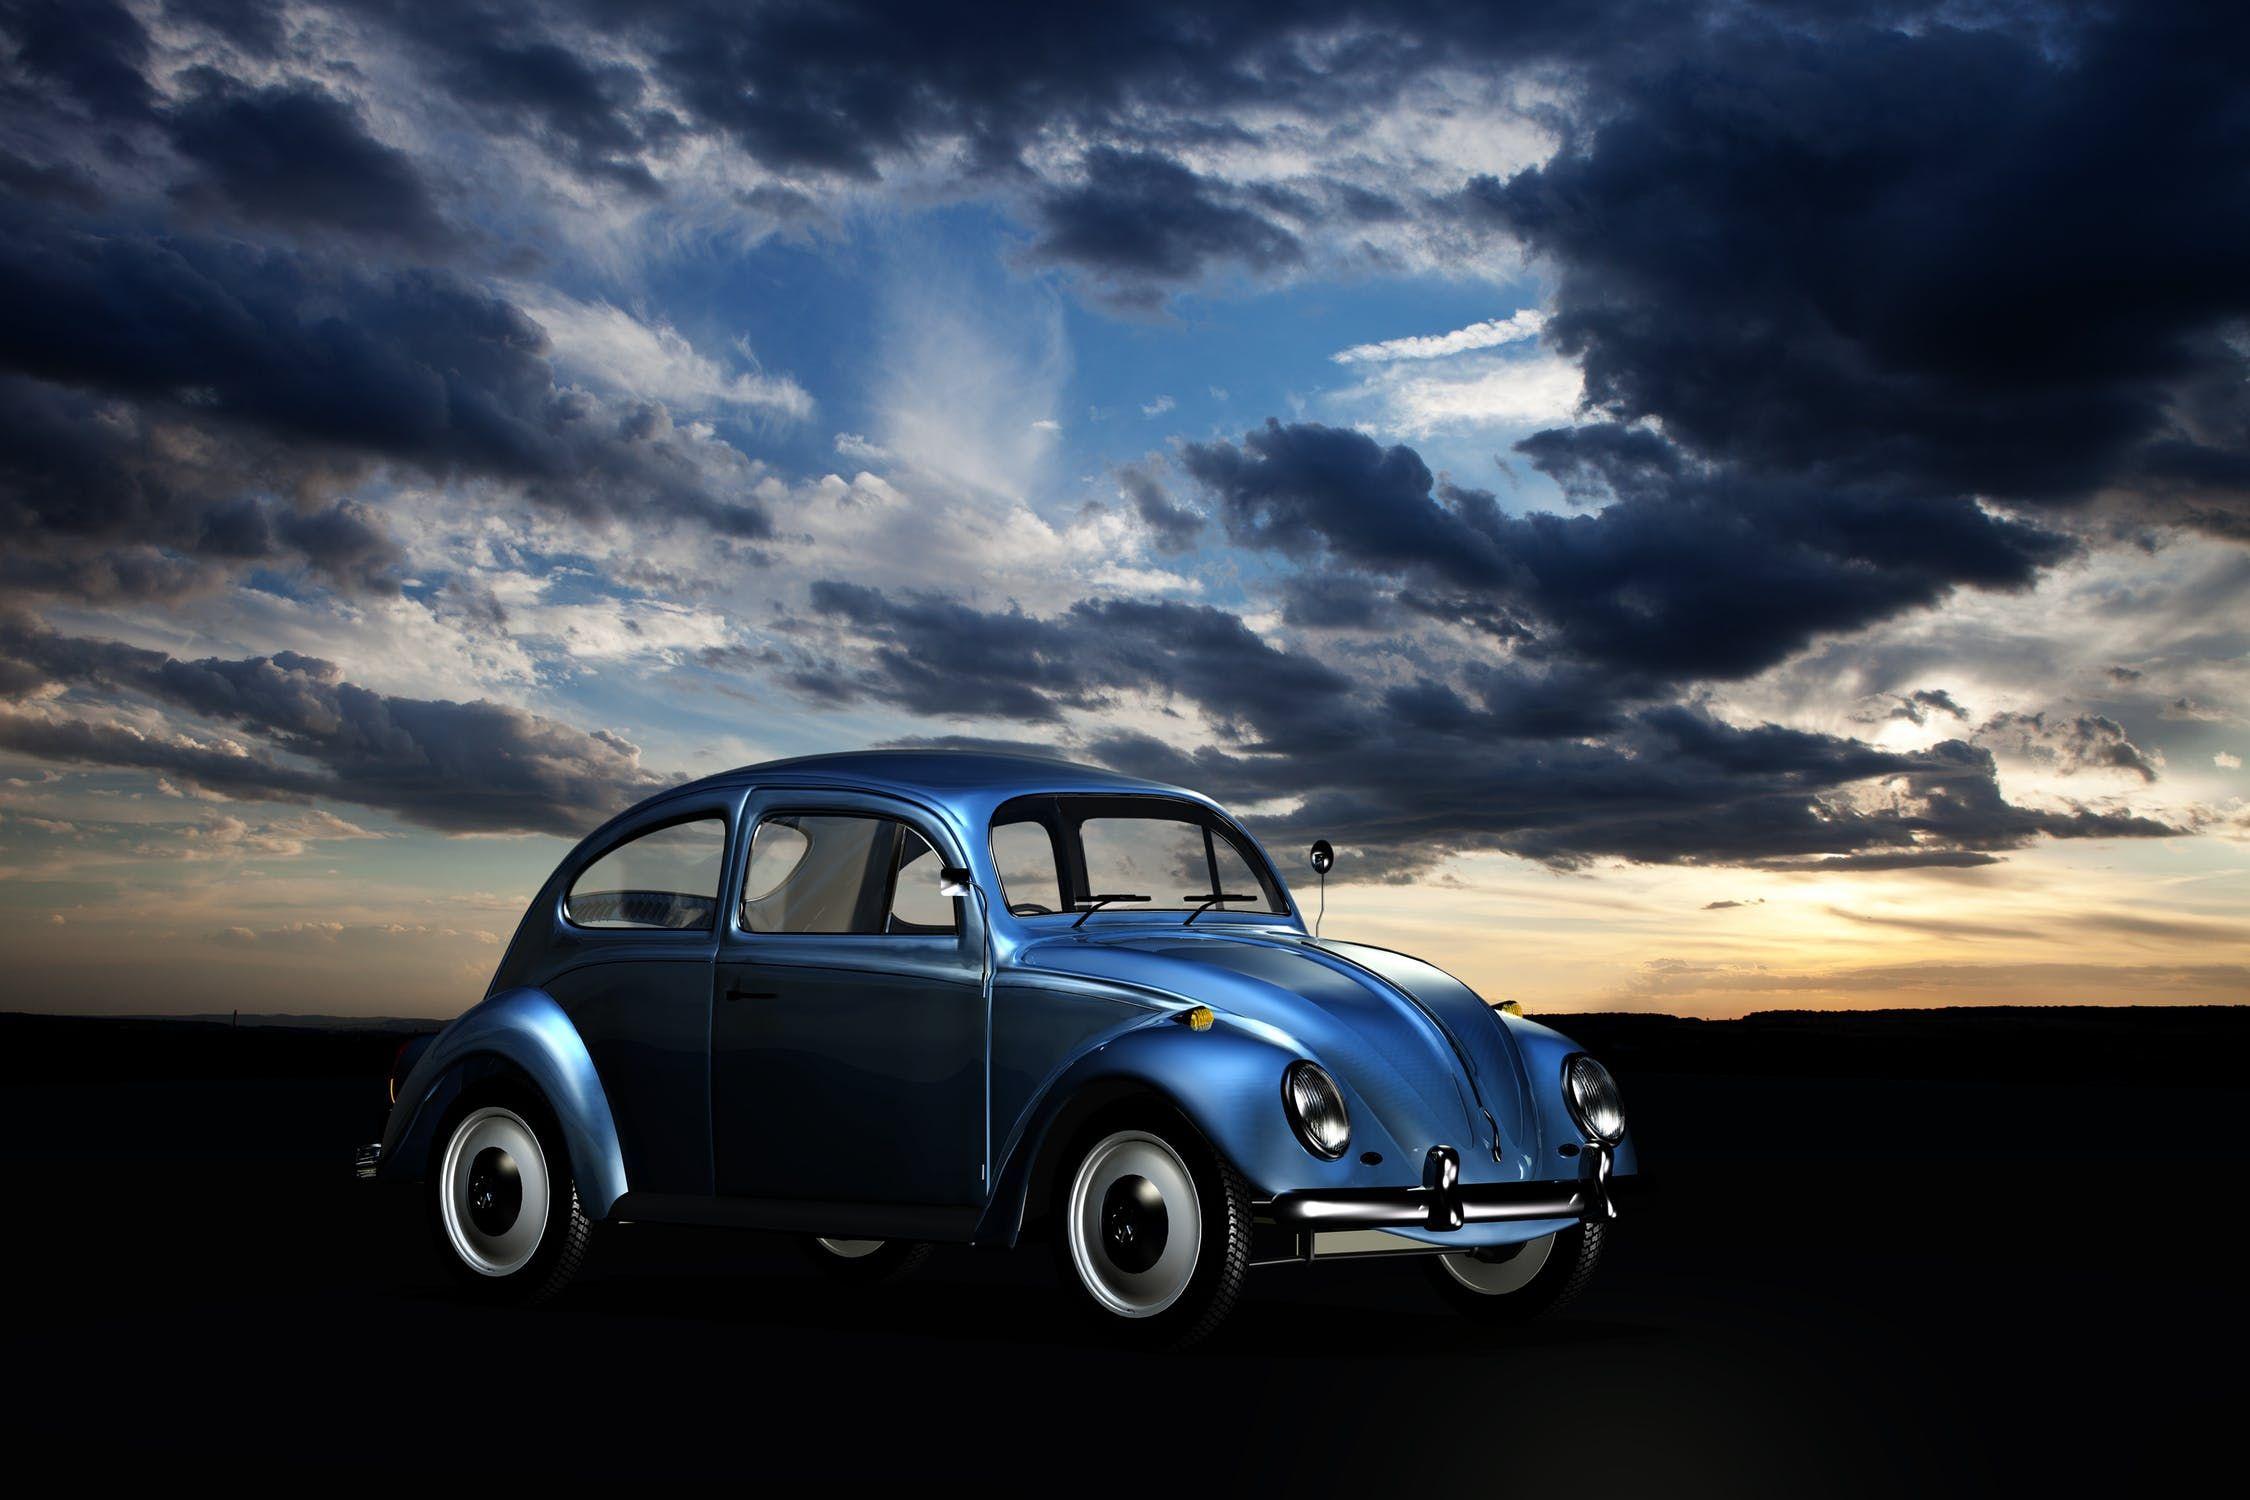 Night Ride Car Wallpapers Buy Tires Volkswagen